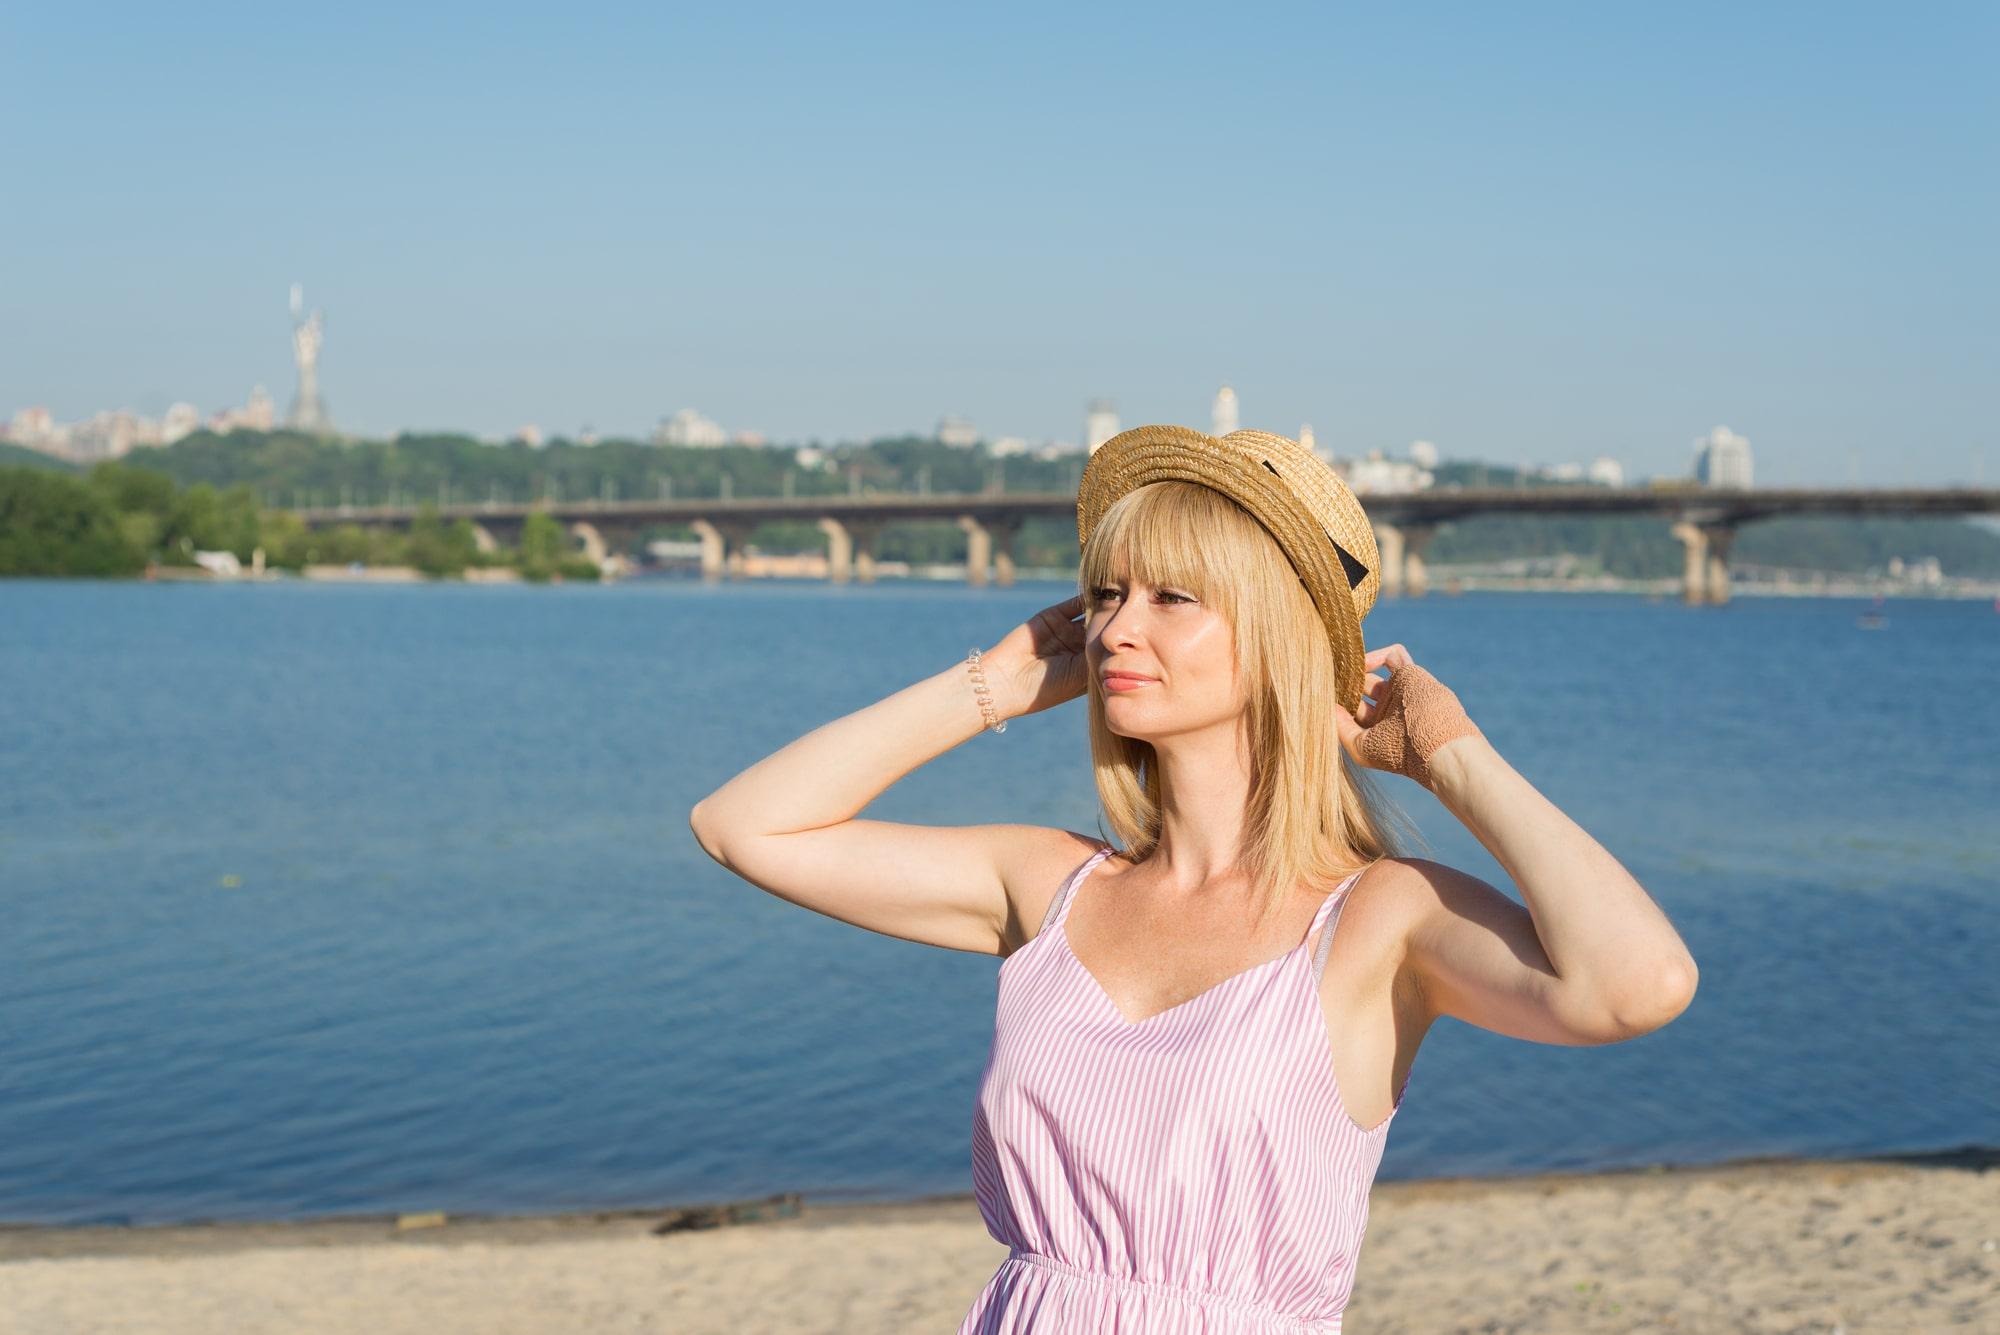 Фотосессия девушки возле реки Днепр - в соломенной шляпке